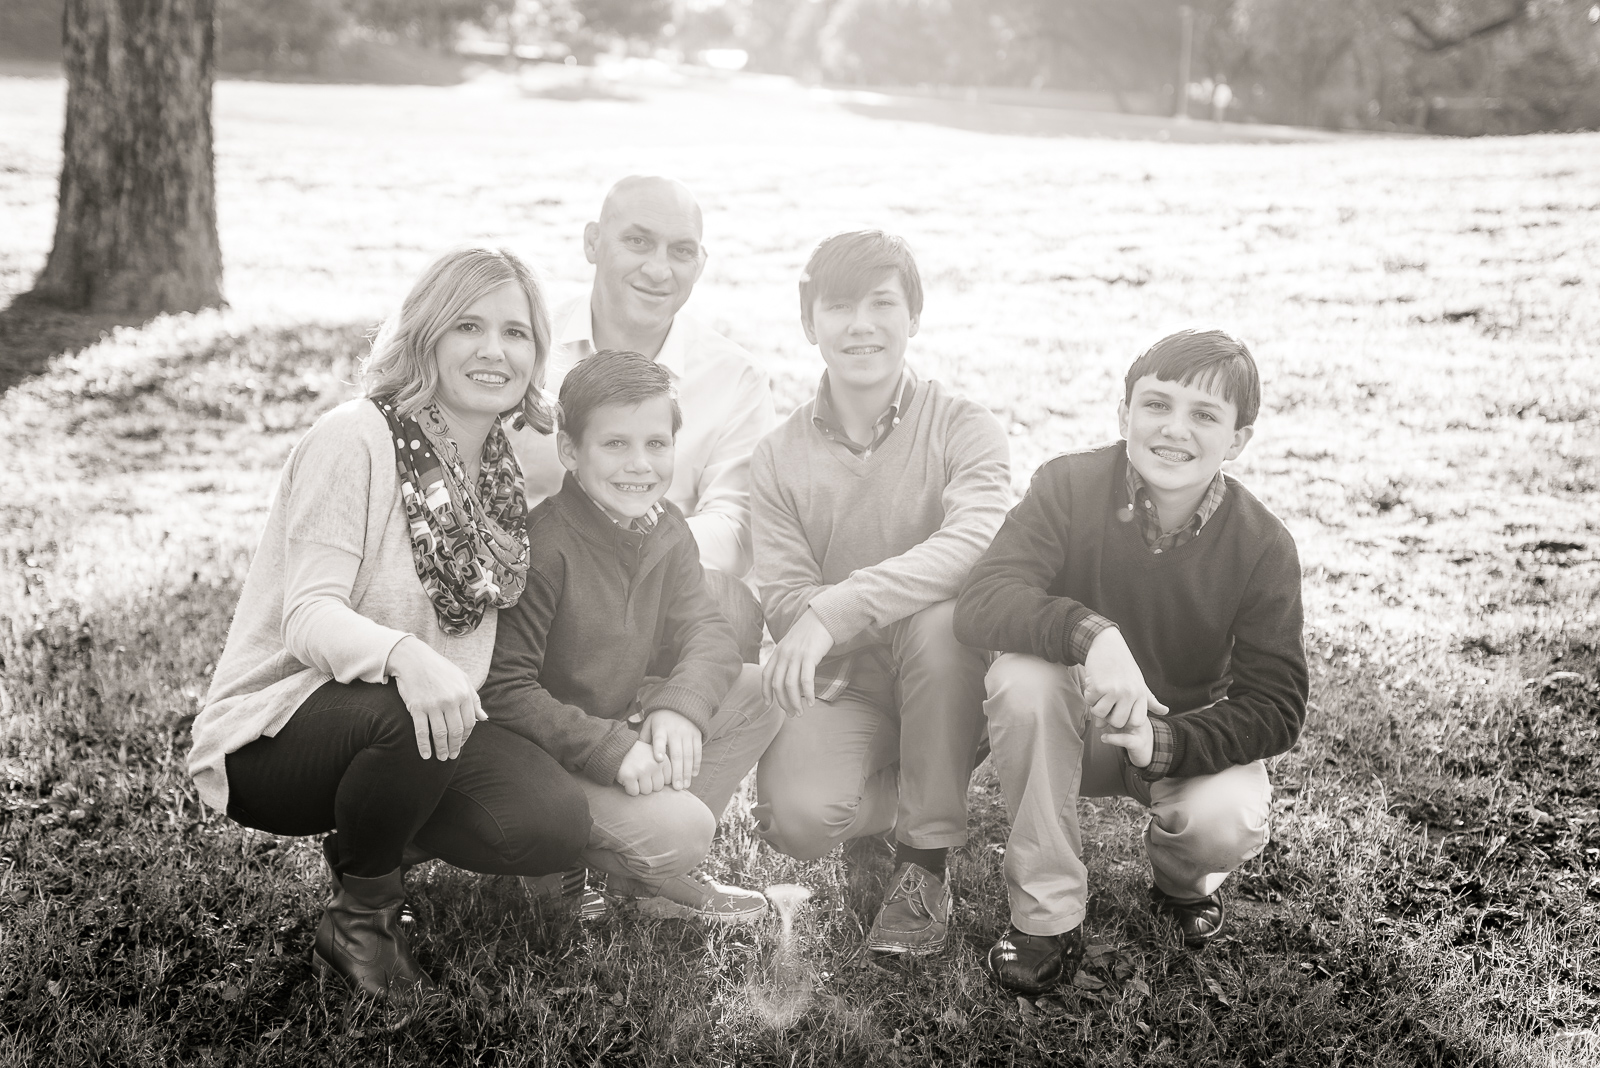 Michael-Napier-Portraits-Families-42.jpg